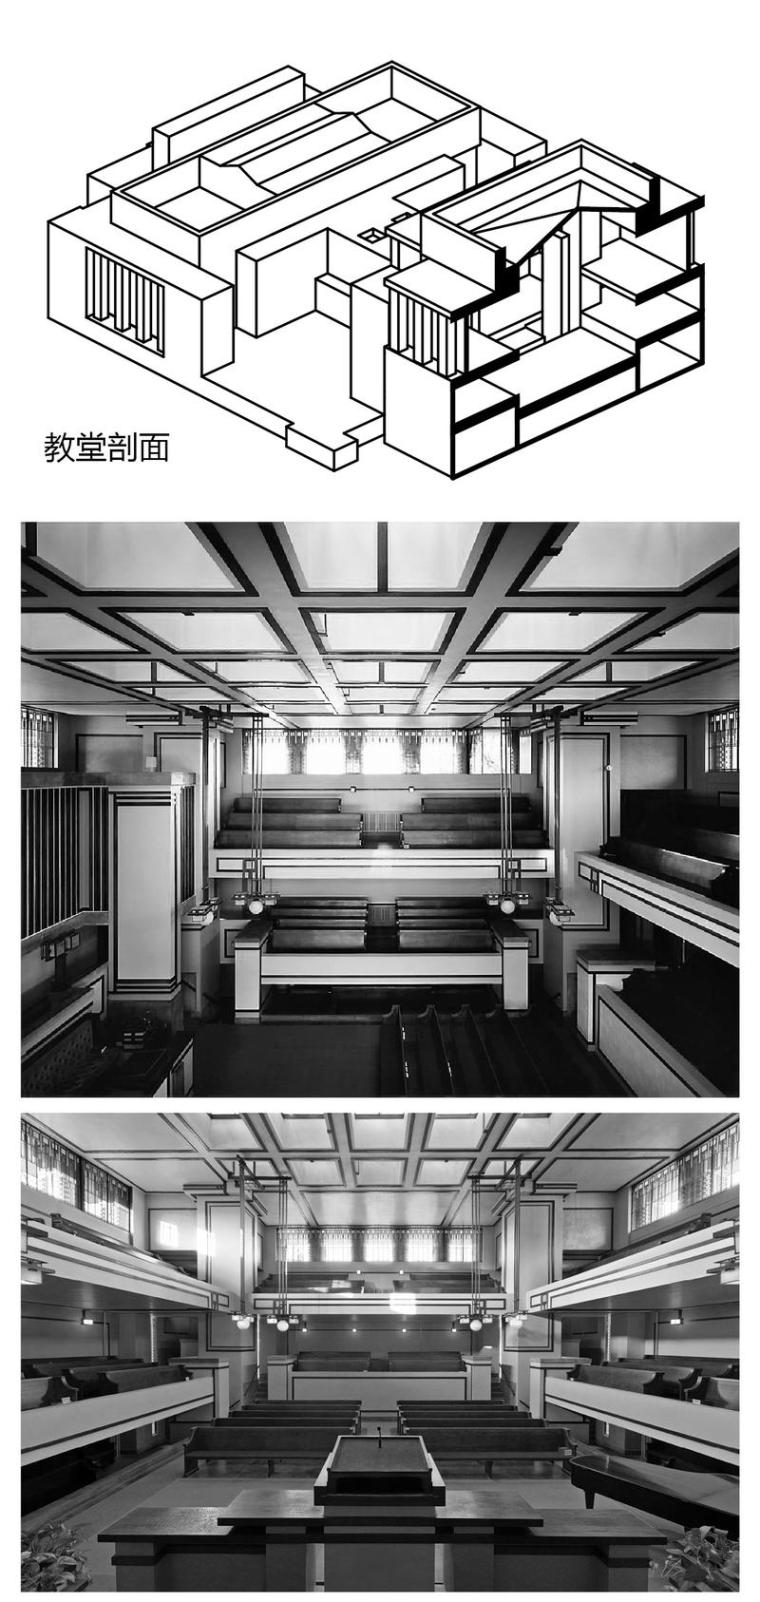 图解赖特建筑设计时期(一)_12